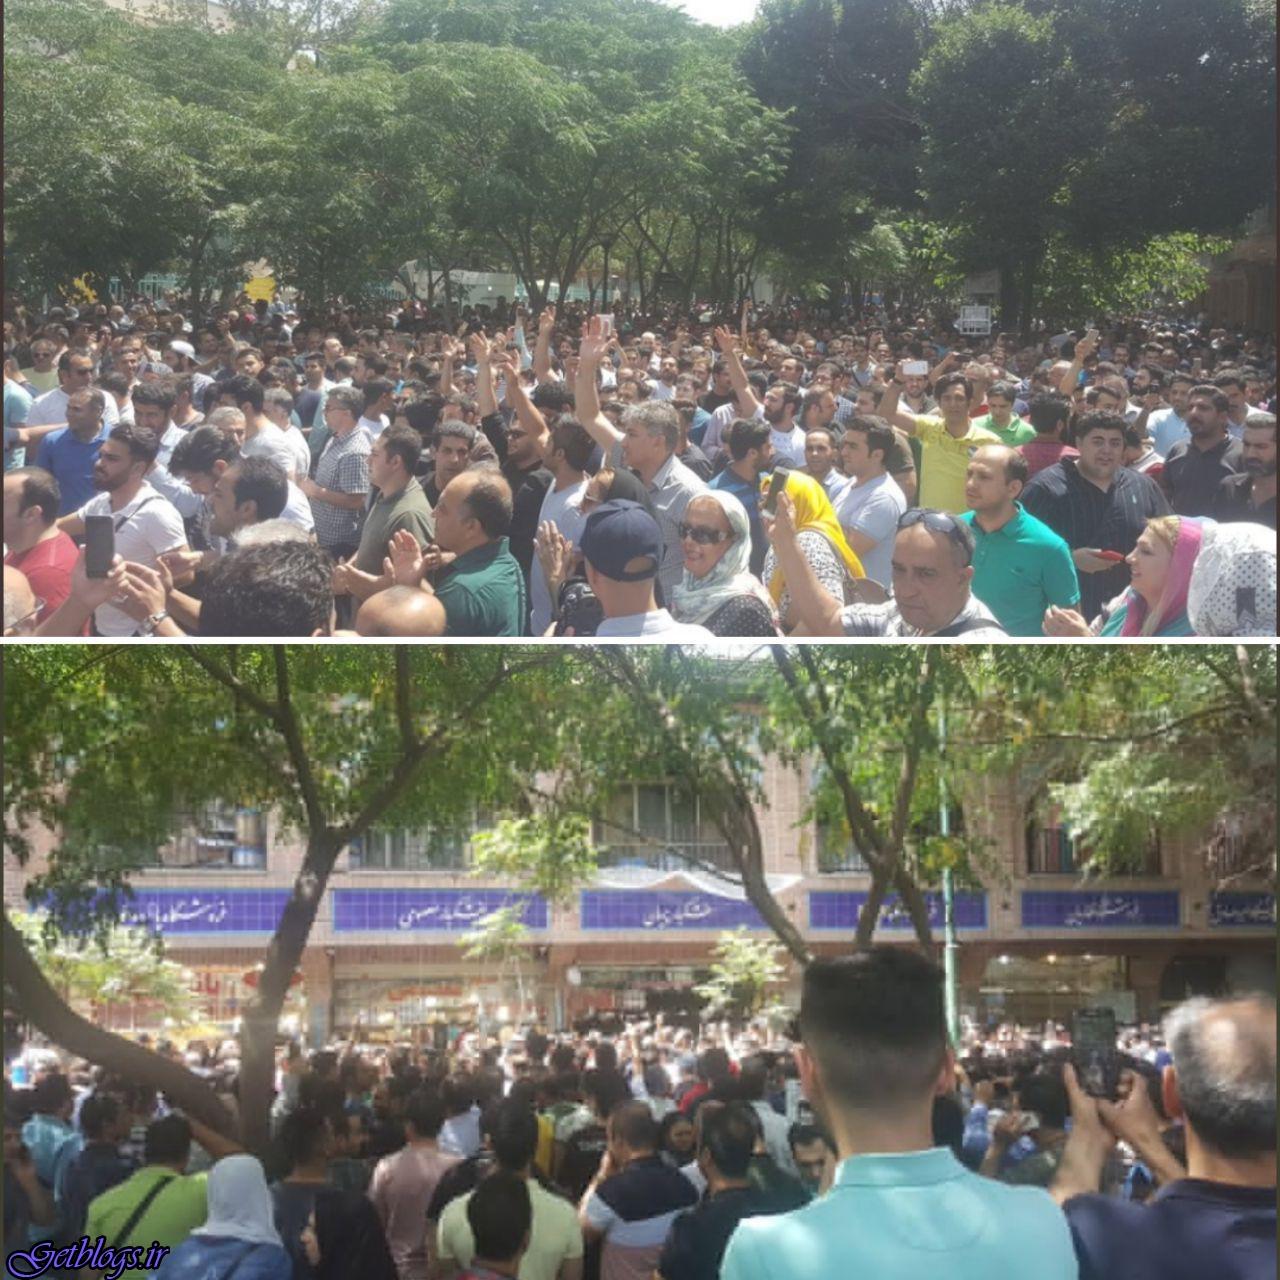 عکس) + بازاریان پایتخت کشور عزیزمان ایران در اعتراض به رکود و قیمت ارز دست از کار کشیدند (